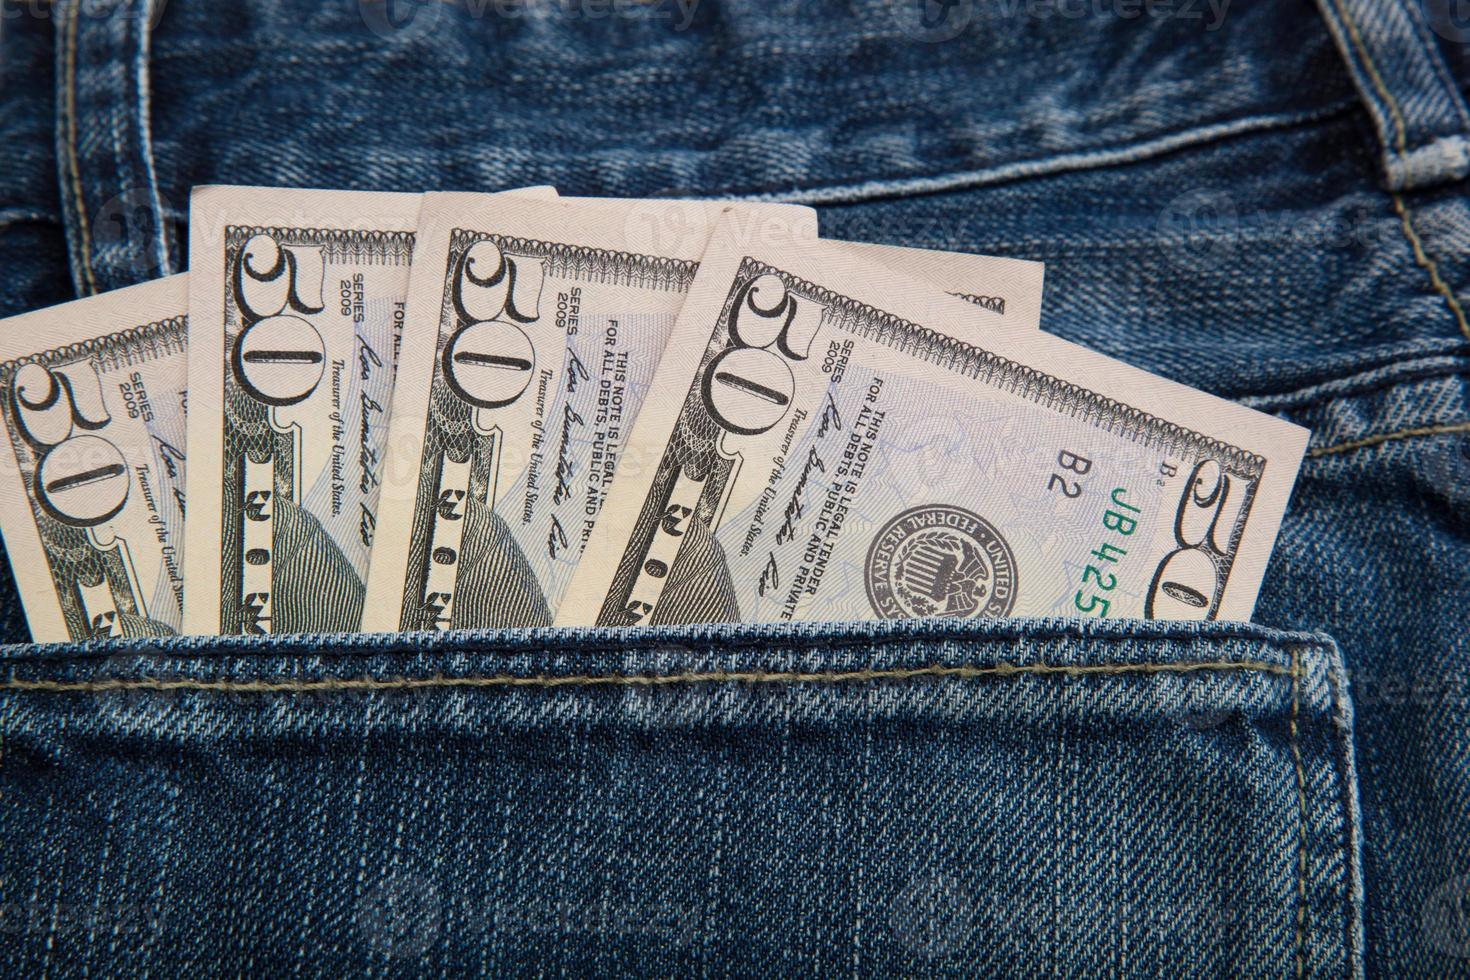 billets de banque dans la poche arrière de jeans. photo